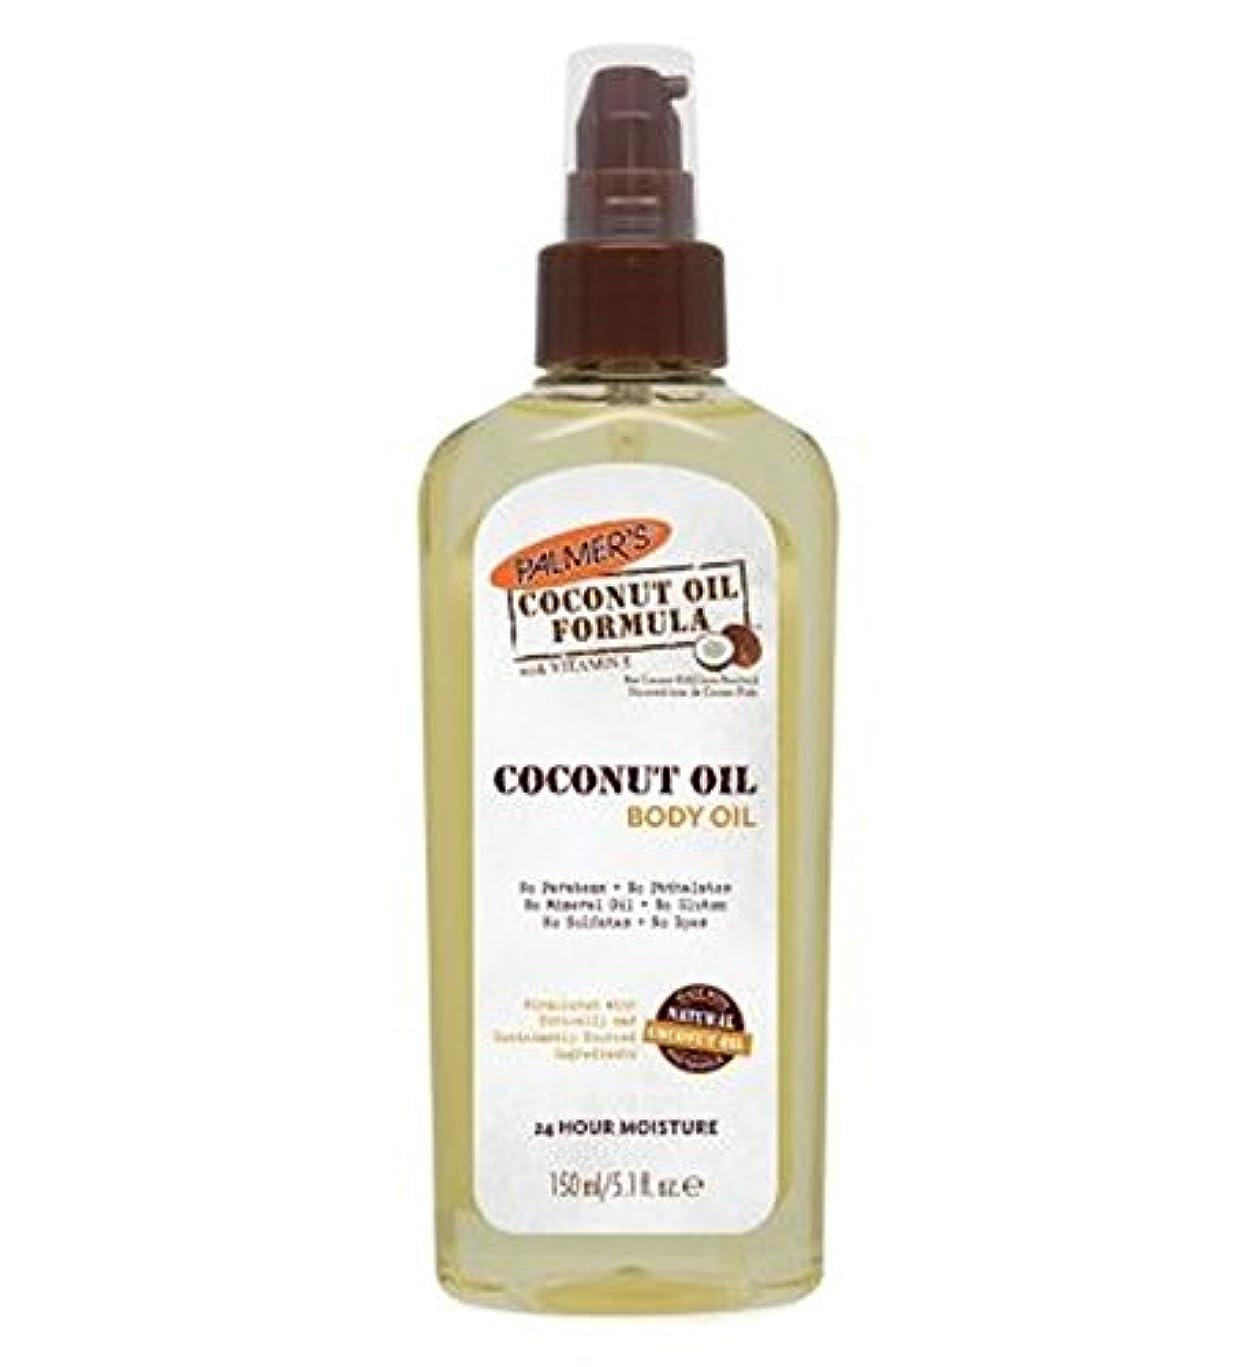 夫婦ピニオン消毒剤パーマーのココナッツオイル式ボディオイル150ミリリットル (Palmer's) (x2) - Palmer's Coconut Oil Formula Body Oil 150ml (Pack of 2) [並行輸入品]